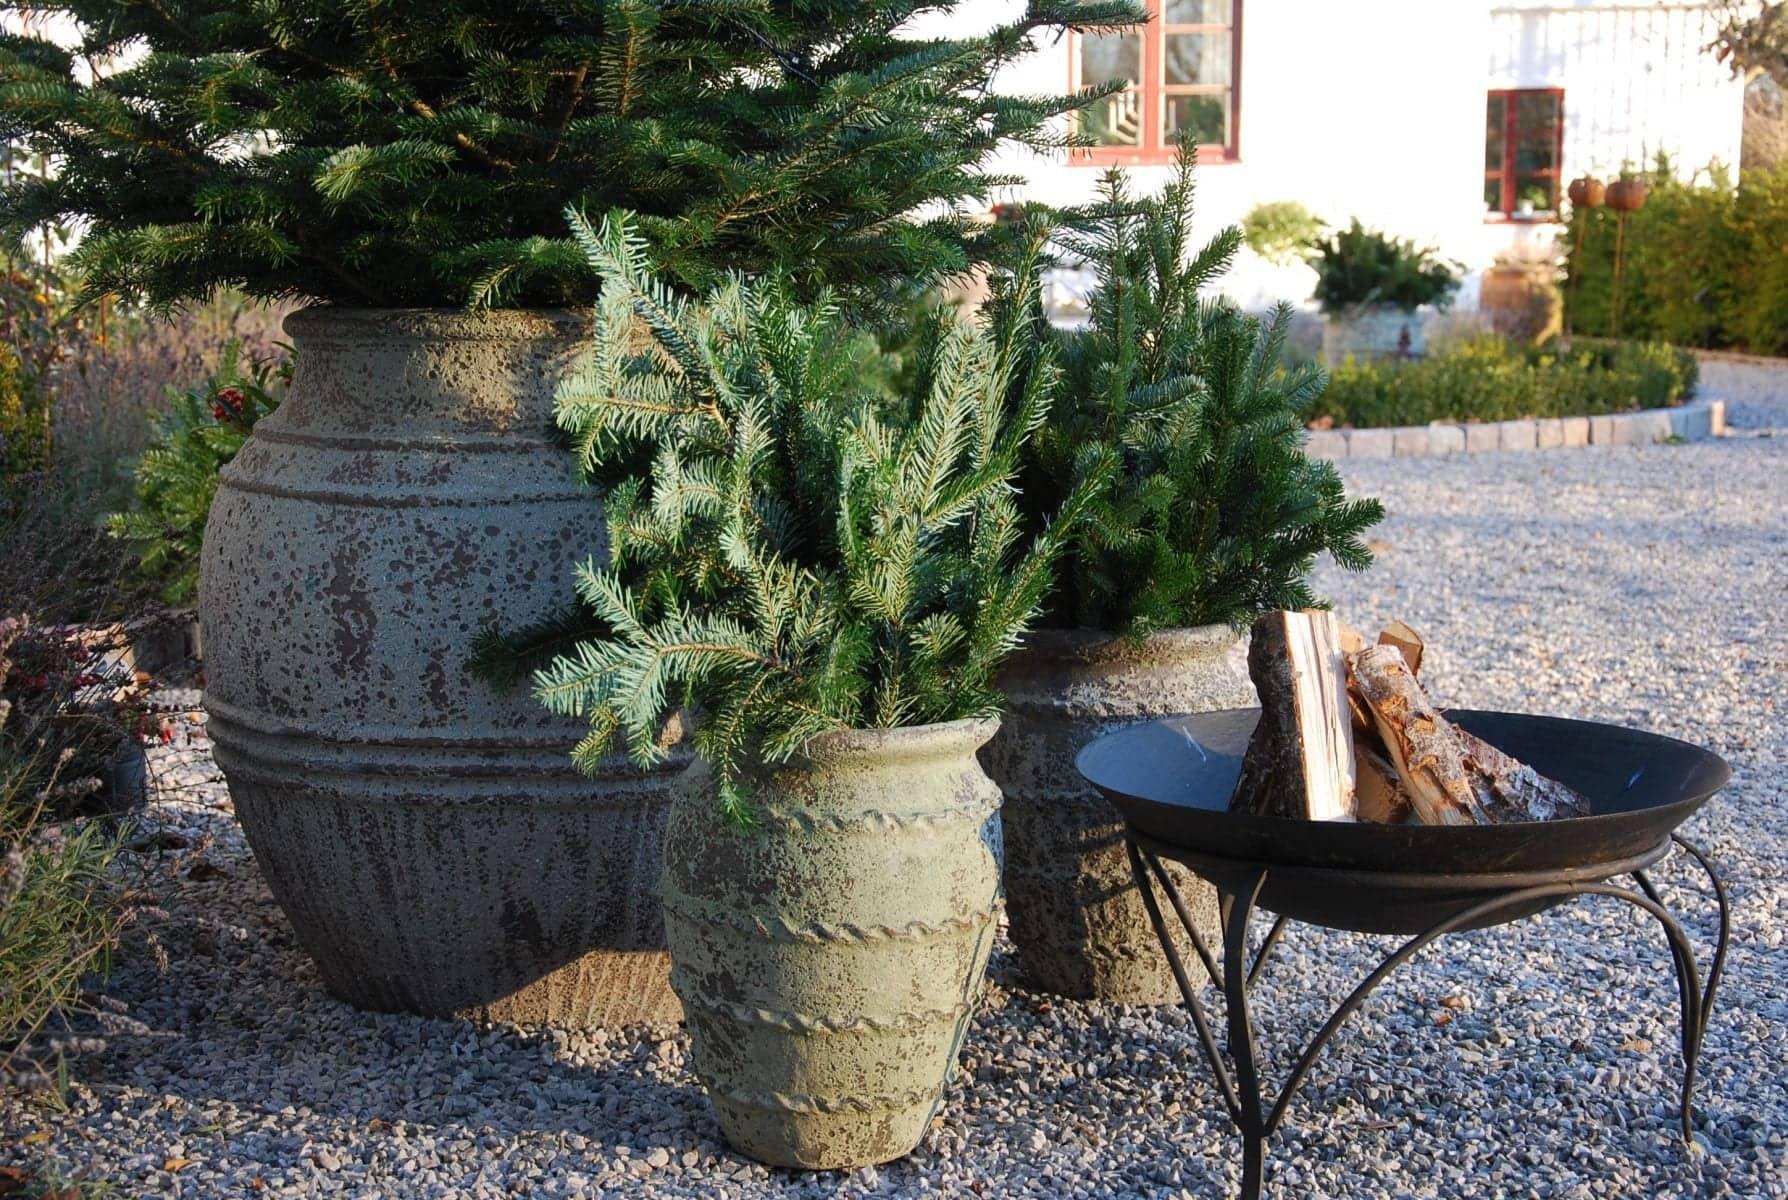 Vaso Knossos stort planteringskärl med julgran utekrukor stora krukor